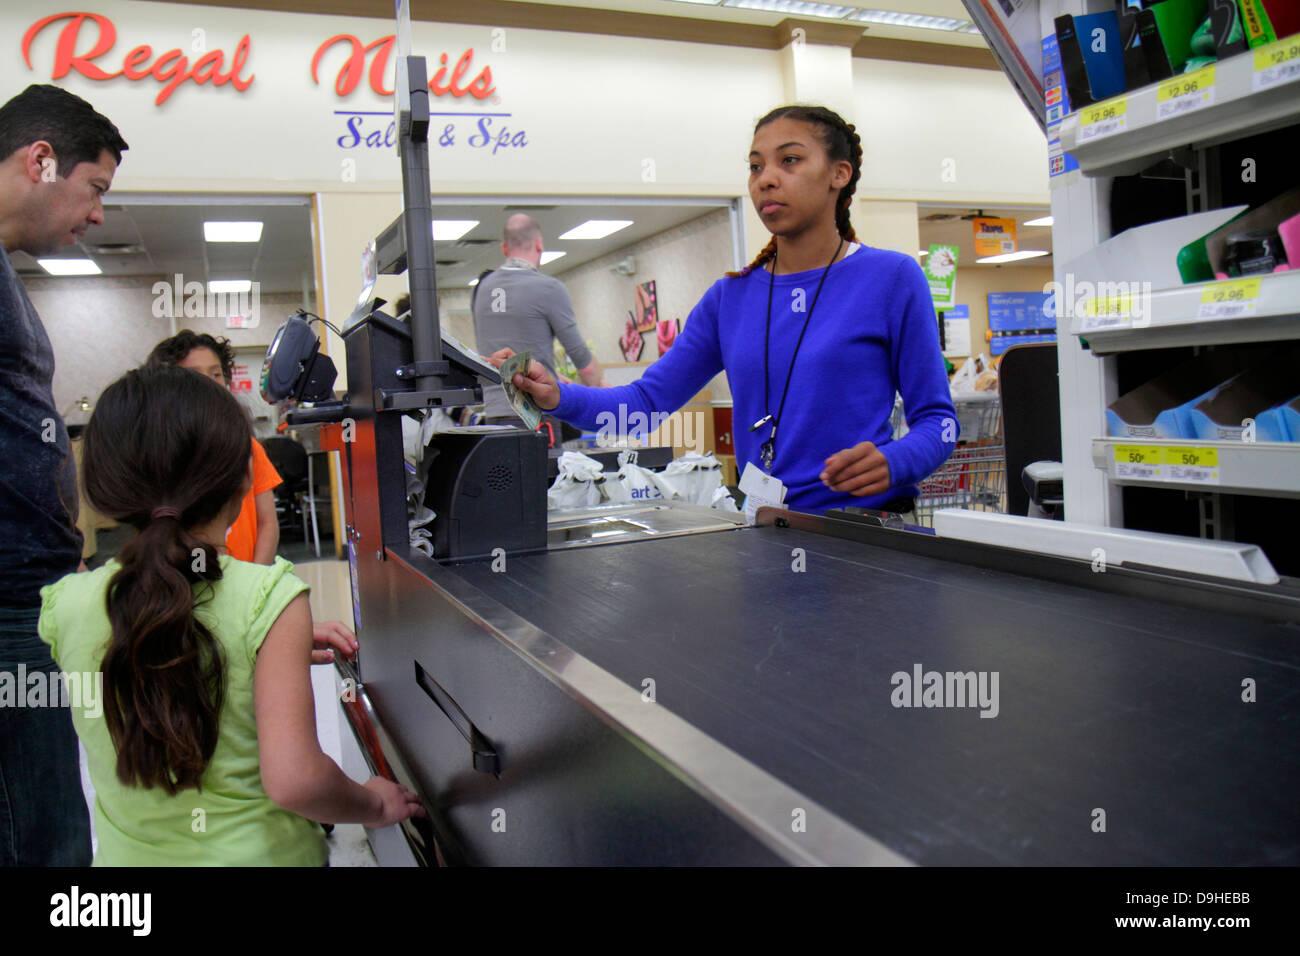 Nevada Las Vegas Walmart Wal Mart Super Center Centre Shopping Check